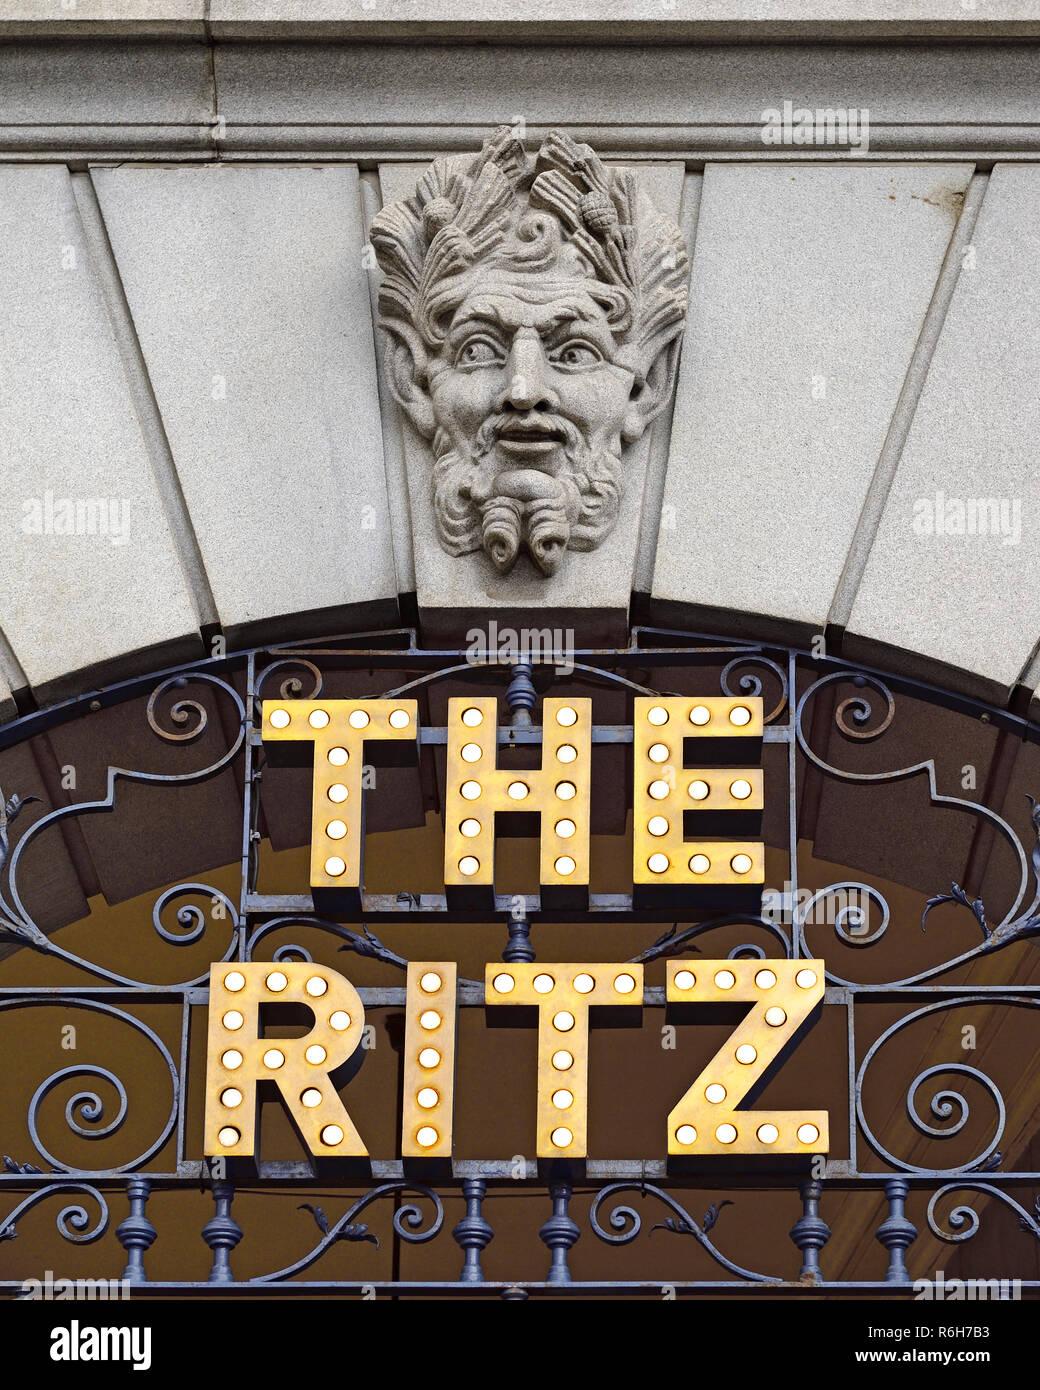 The Ritz London, England, United Kingdom - Stock Image